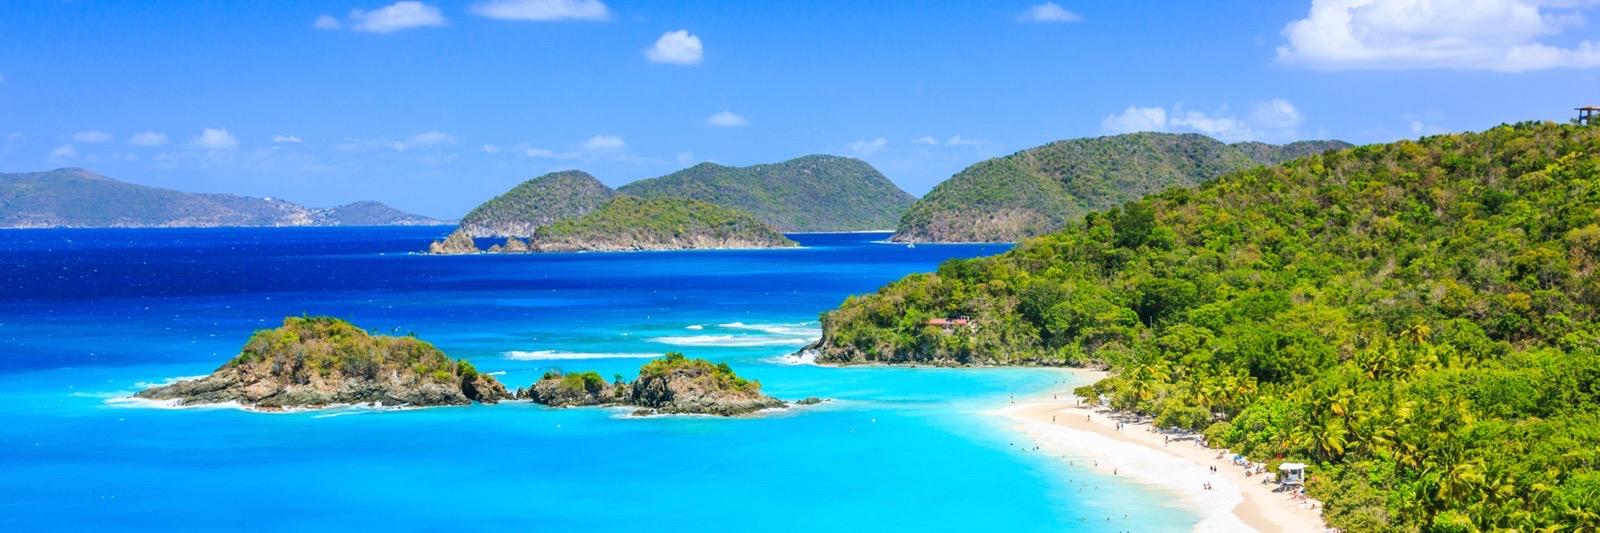 US Virgin Islands